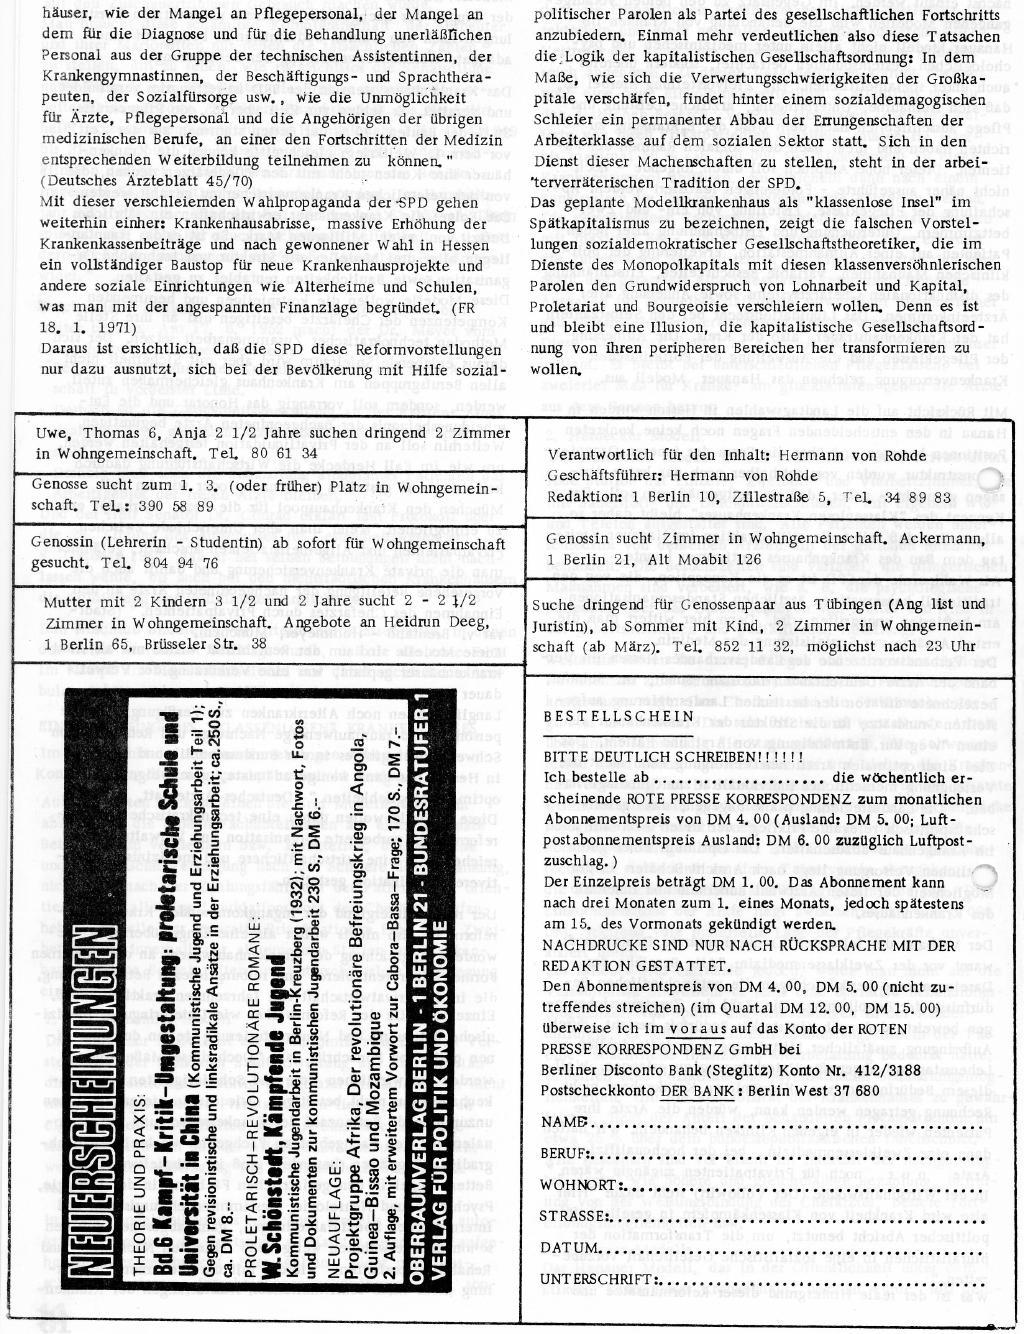 RPK_1971_101_16